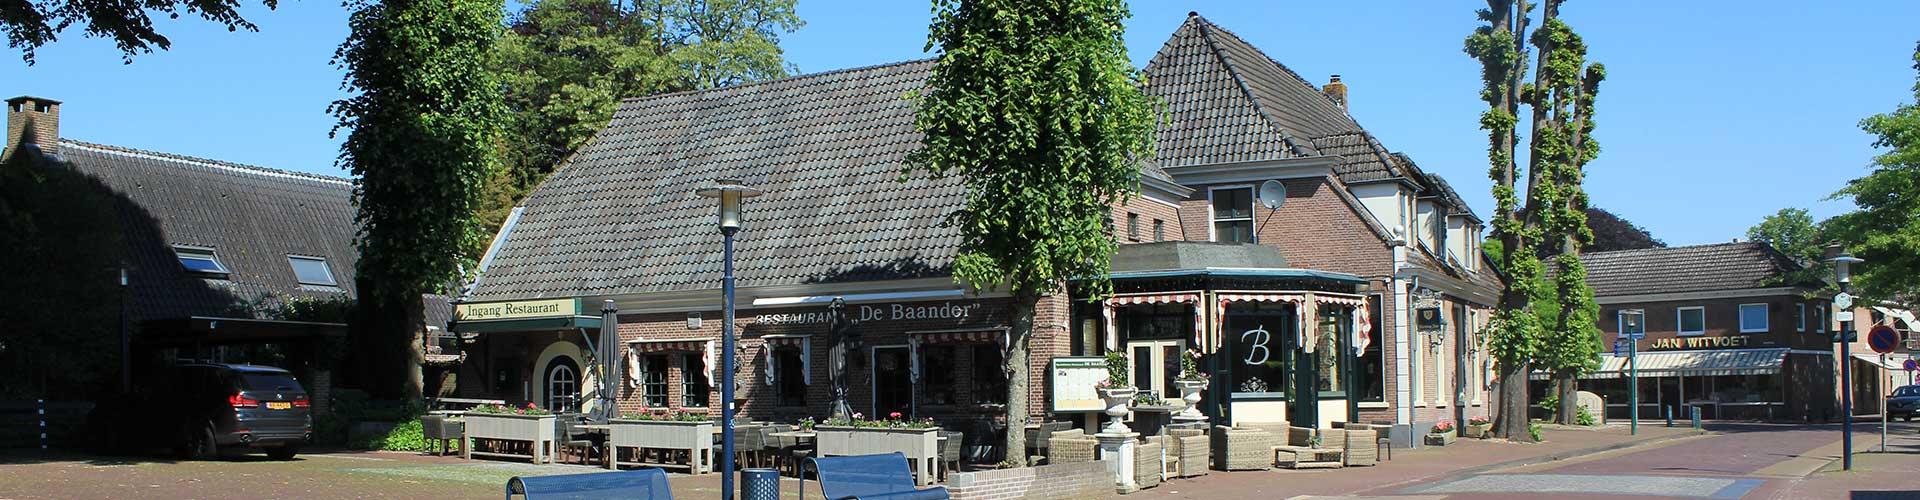 Restaurant de Baander Dalen